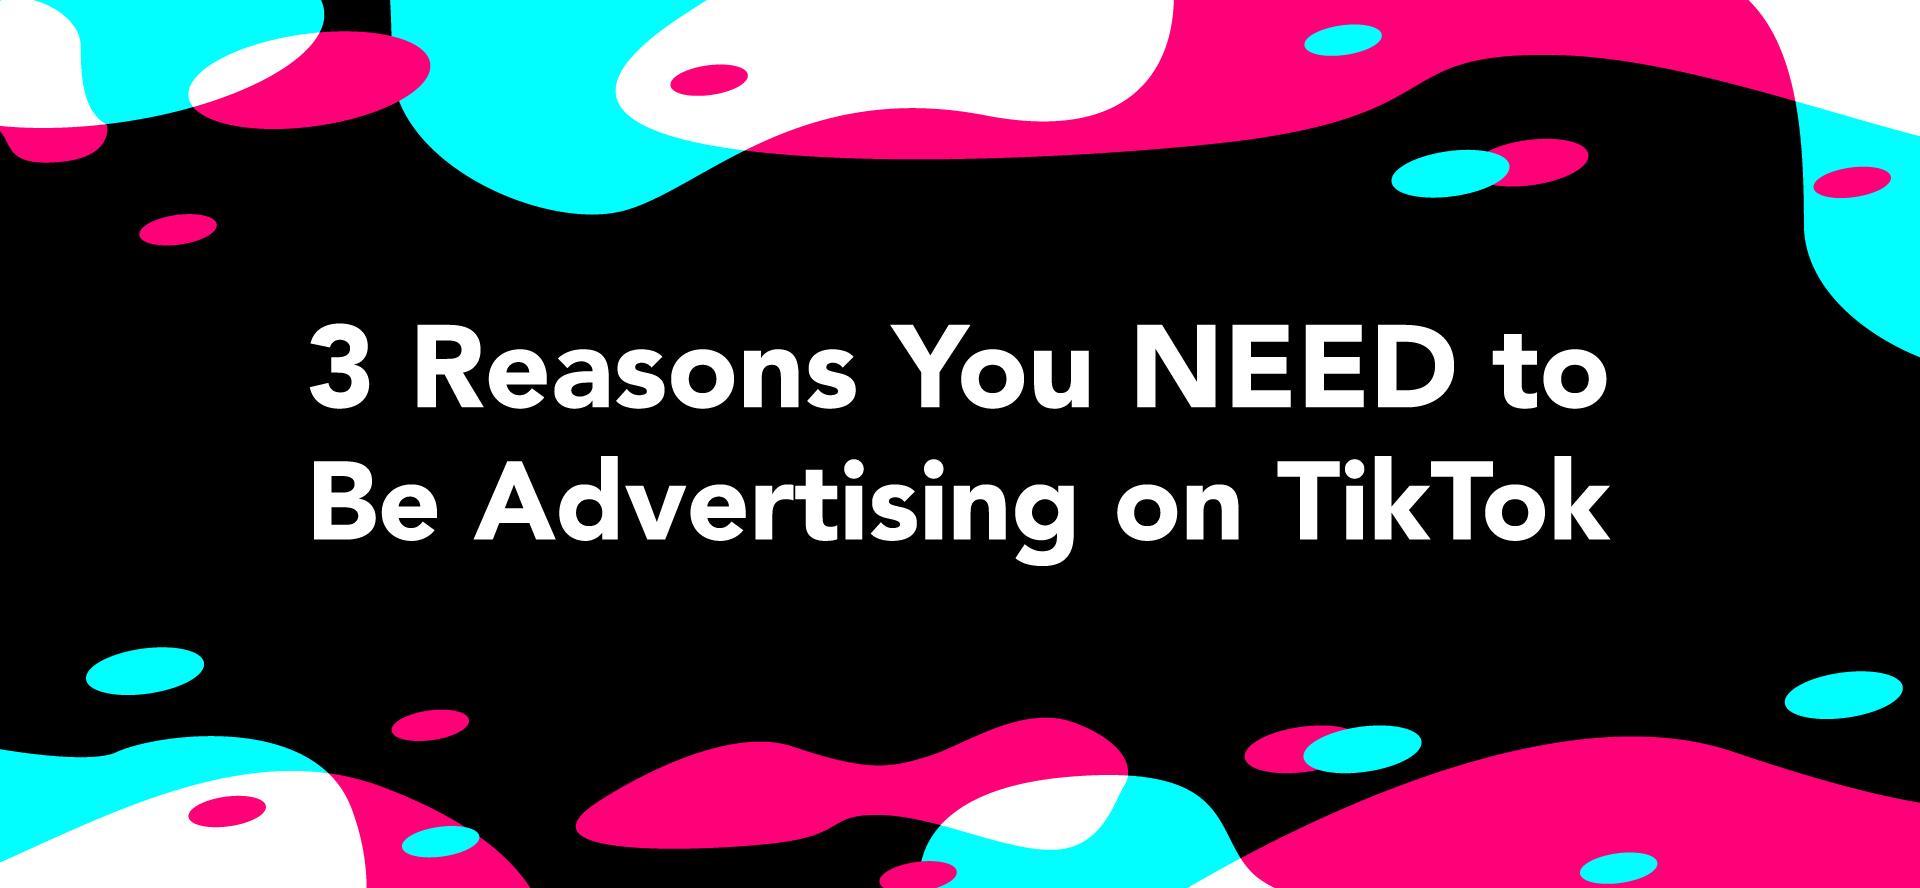 Advertising On TikTok